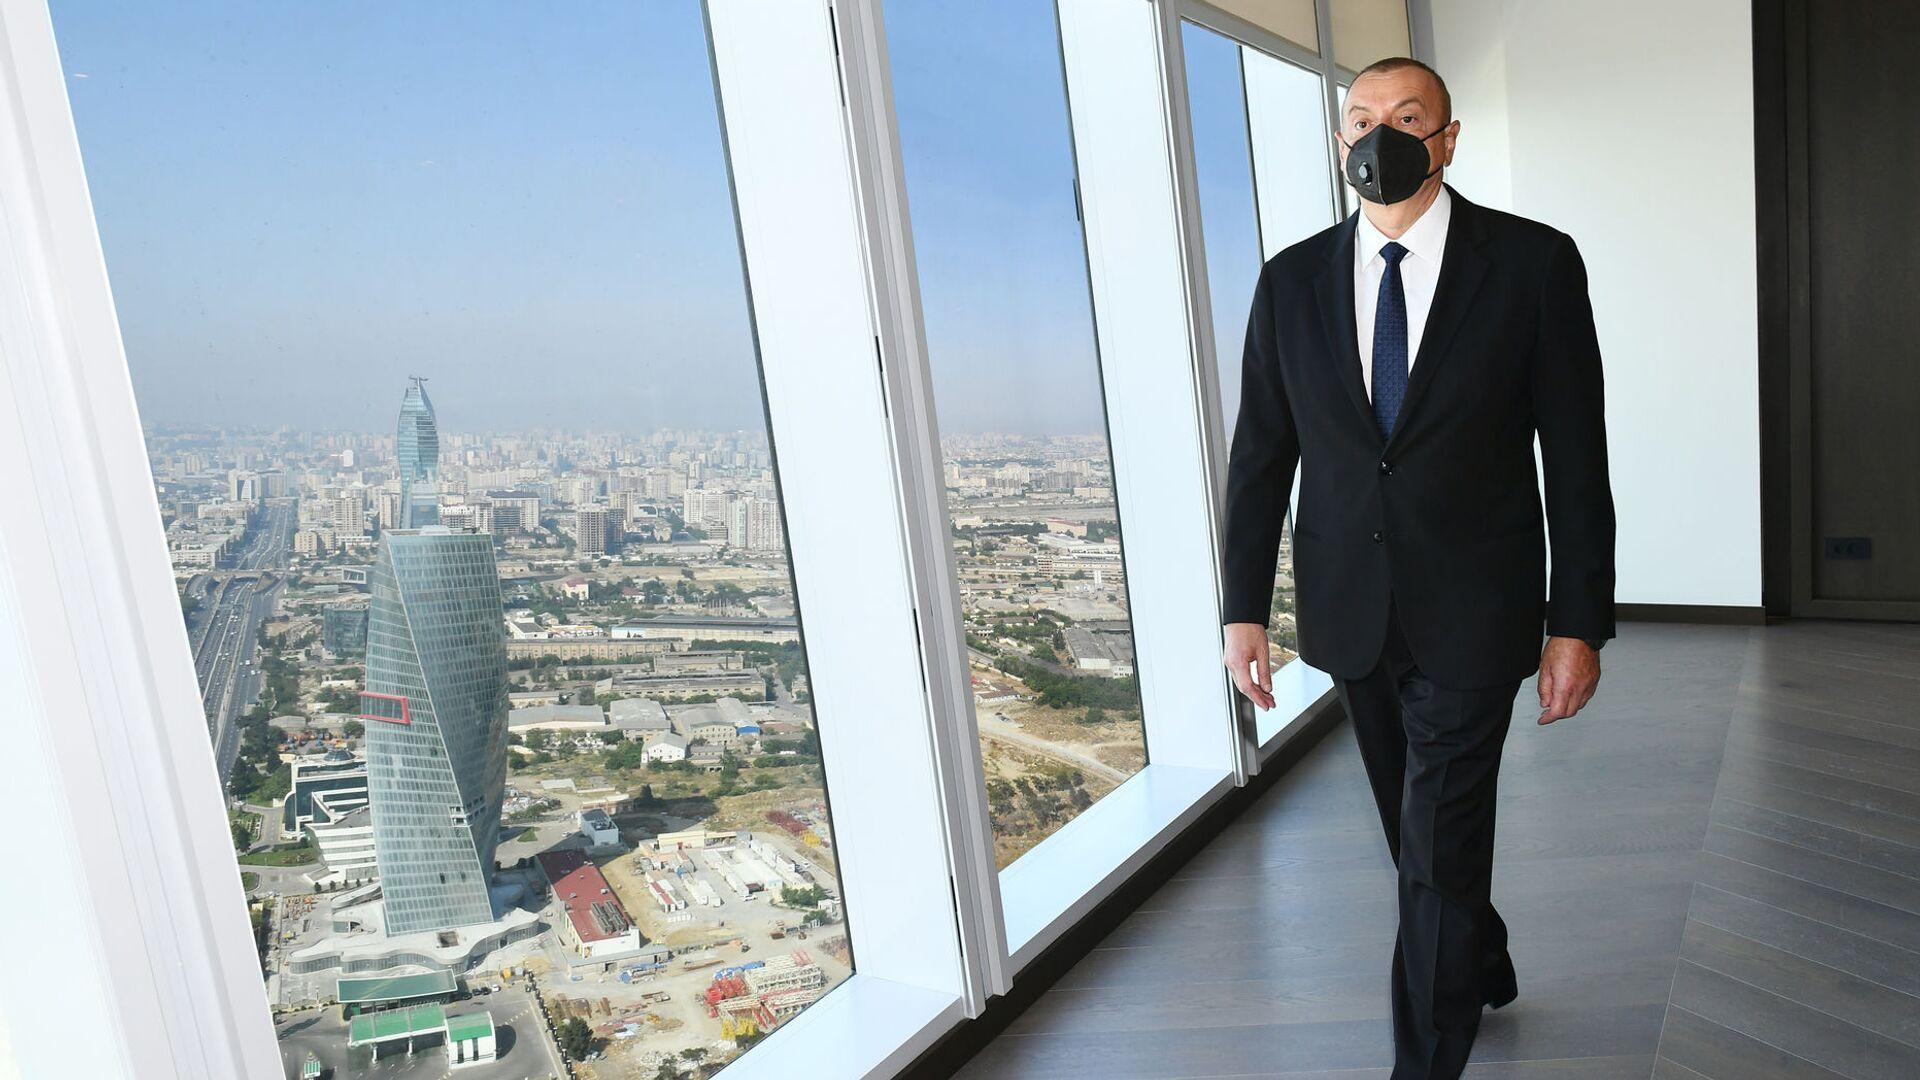 Ильхам Алиев осматривает новое здание министерства экономики Азербайджана - Sputnik Грузия, 1920, 24.09.2021